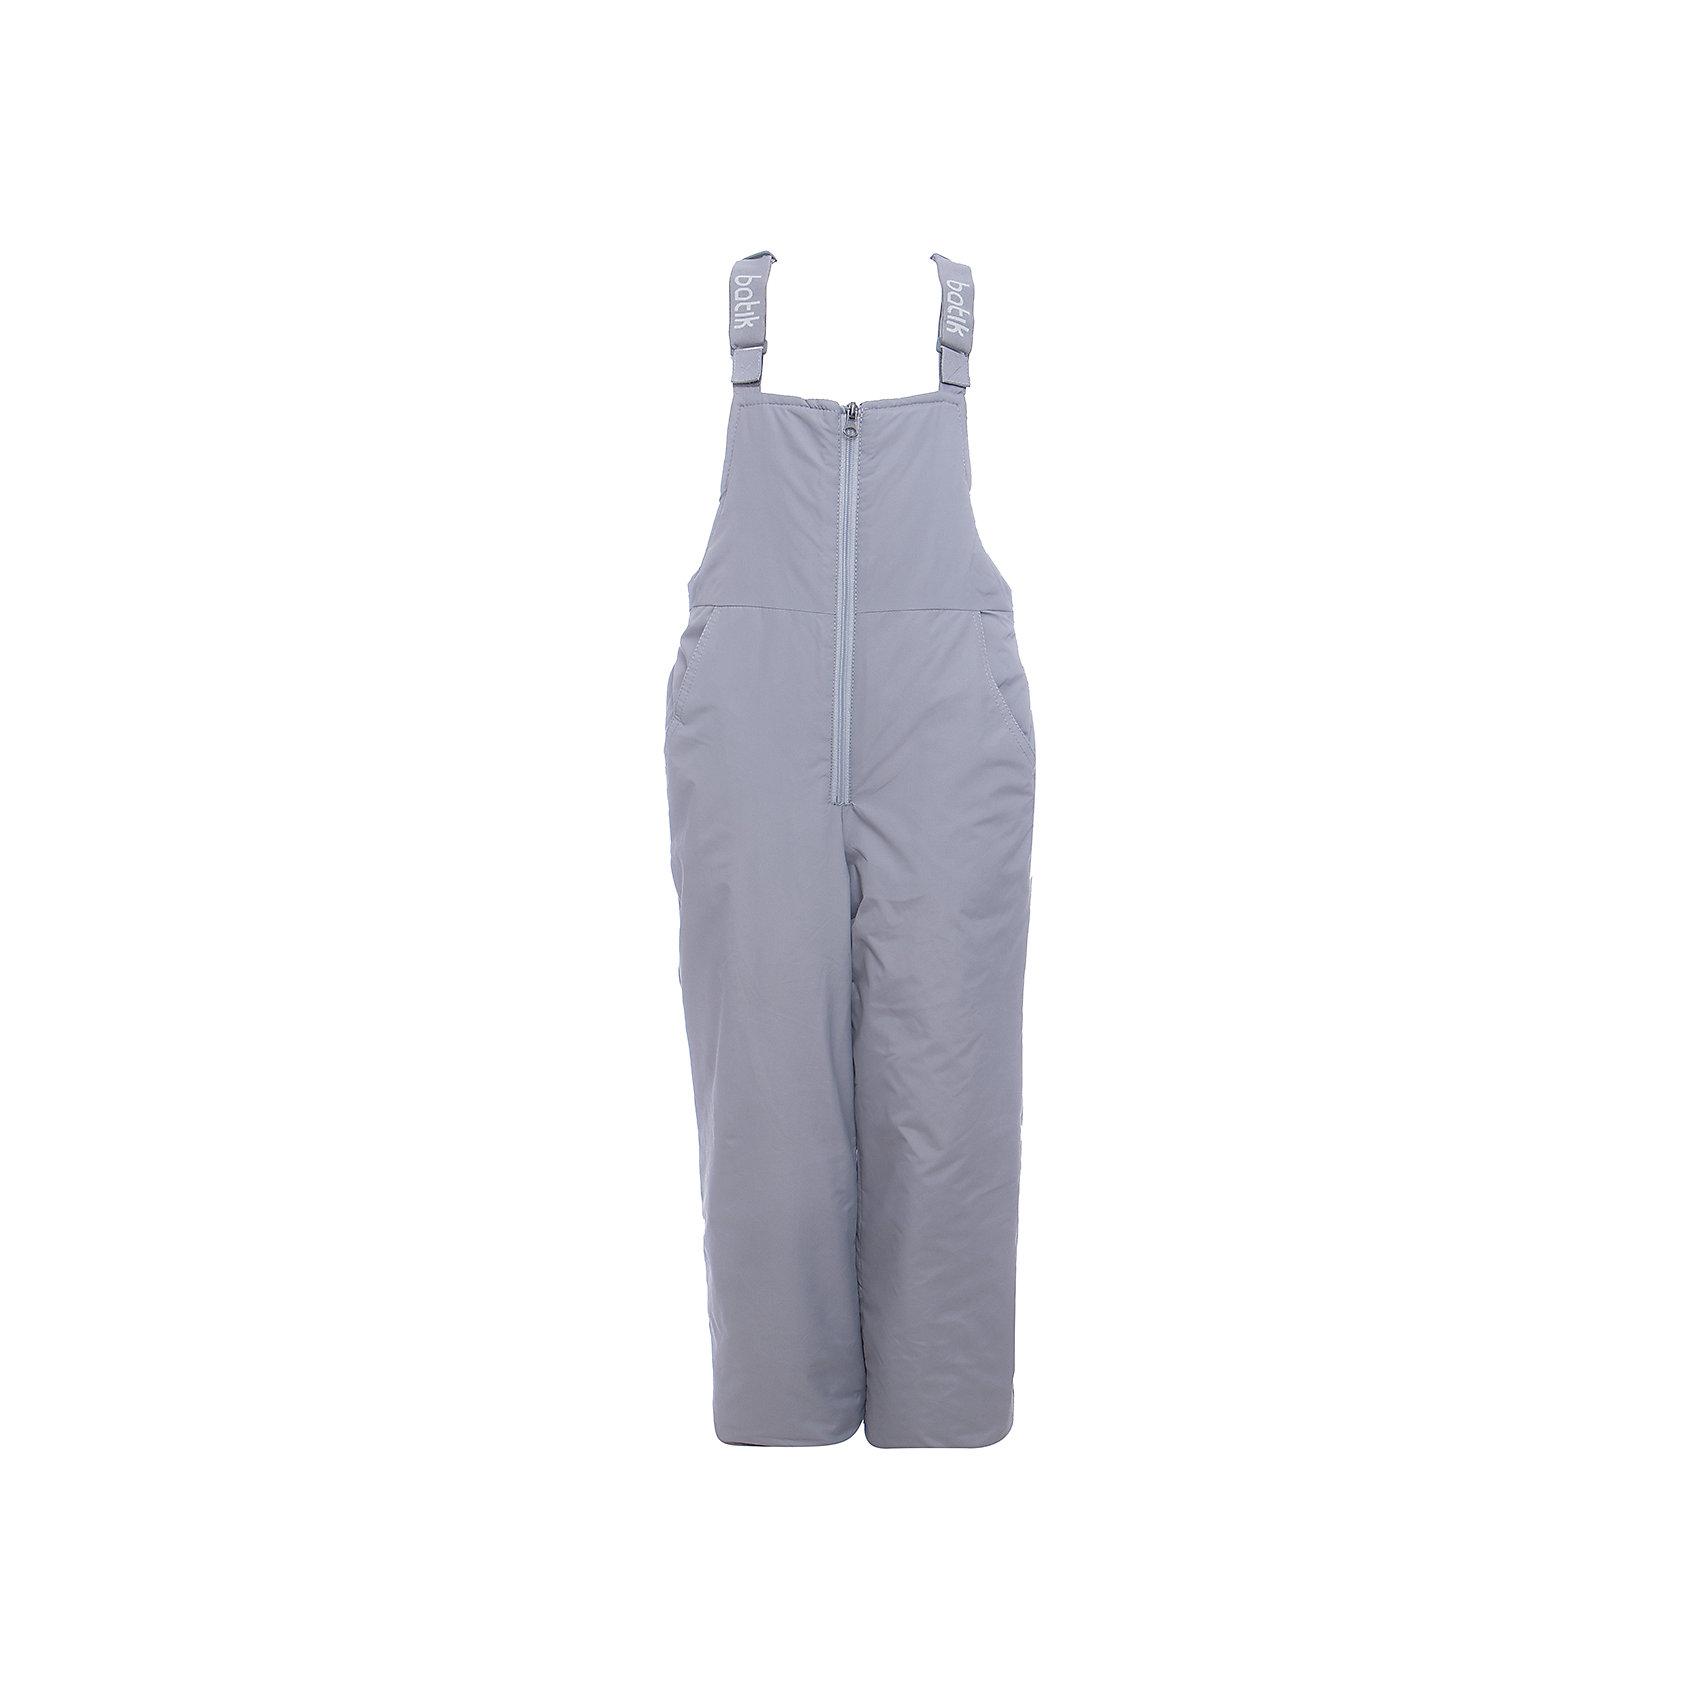 Полукомбинезон Вспышка Batik для девочкиВерхняя одежда<br>Характеристики товара:<br><br>• цвет: серый<br>• состав ткани: таслан<br>• подкладка: полиэстер<br>• утеплитель: слайтекс<br>• сезон: зима<br>• мембранное покрытие<br>• температурный режим: от -35 до 0<br>• водонепроницаемость: 5000 мм <br>• паропроницаемость: 5000 г/м2<br>• плотность утеплителя: 200 г/м2<br>• застежка: молния<br>• лямки регулируются<br>• страна бренда: Россия<br>• страна изготовитель: Россия<br><br>Зимний полукомбинезон для ребенка отличается стильным дизайном, разработанным специально для детей. Этот детский полукомбинезон дополнен регулирующимися лямками. Зимний мембранный полукомбинезон для девочки легко чистится и долго служит. Детский полукомбинезон сделан легкого, качественного и теплого материала. <br><br>Полукомбинезон Вспышка Batik (Батик) для девочки можно купить в нашем интернет-магазине.<br><br>Ширина мм: 215<br>Глубина мм: 88<br>Высота мм: 191<br>Вес г: 336<br>Цвет: серый<br>Возраст от месяцев: 108<br>Возраст до месяцев: 120<br>Пол: Женский<br>Возраст: Детский<br>Размер: 140,98,104,110,116,122,128,134<br>SKU: 7028511